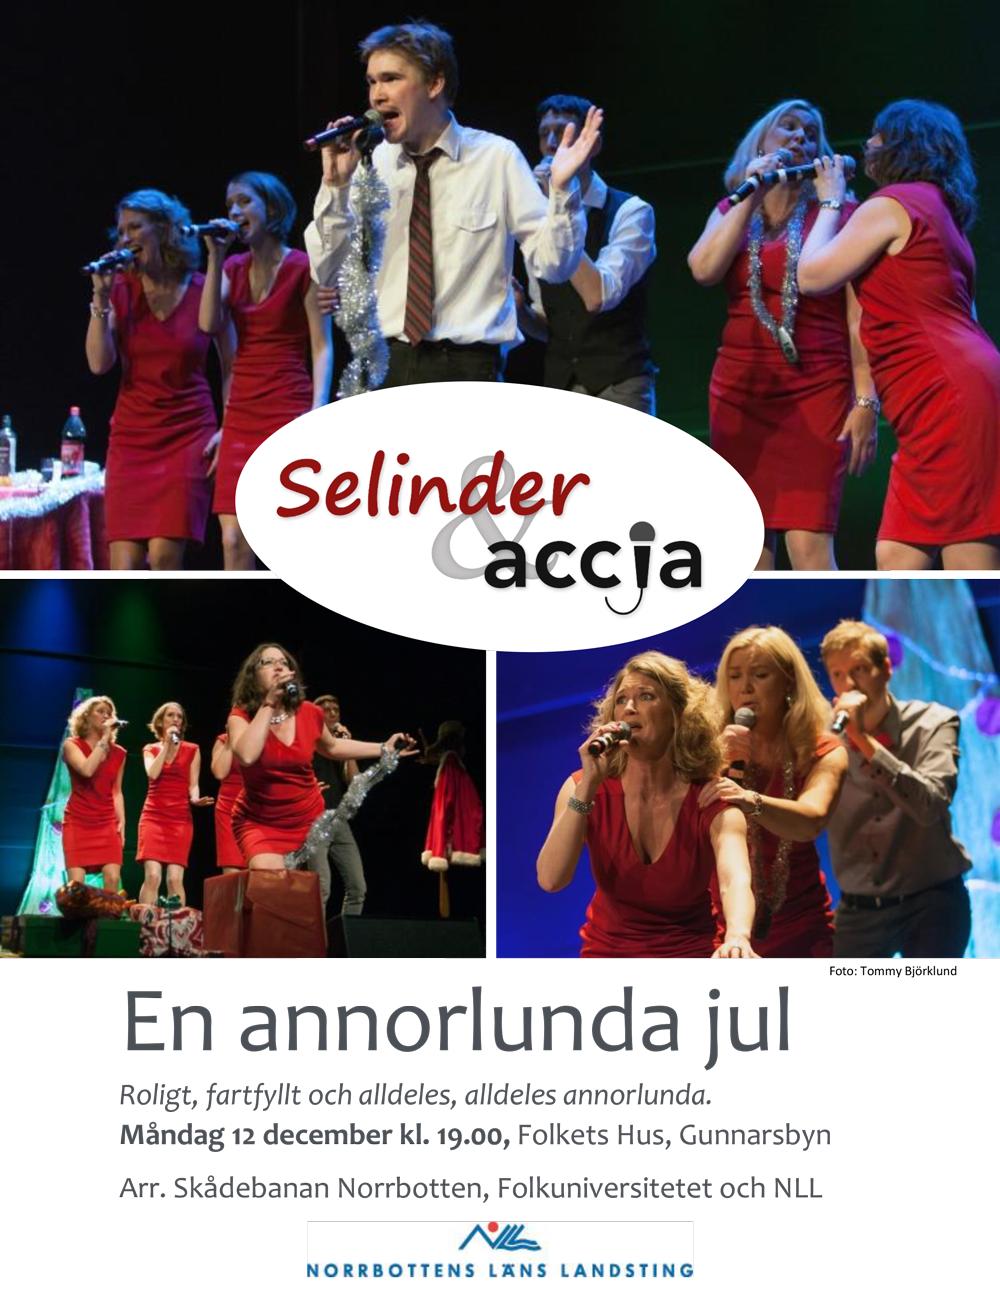 2016-12-12-en-annorlunda-jul-gunnarsbyn-002